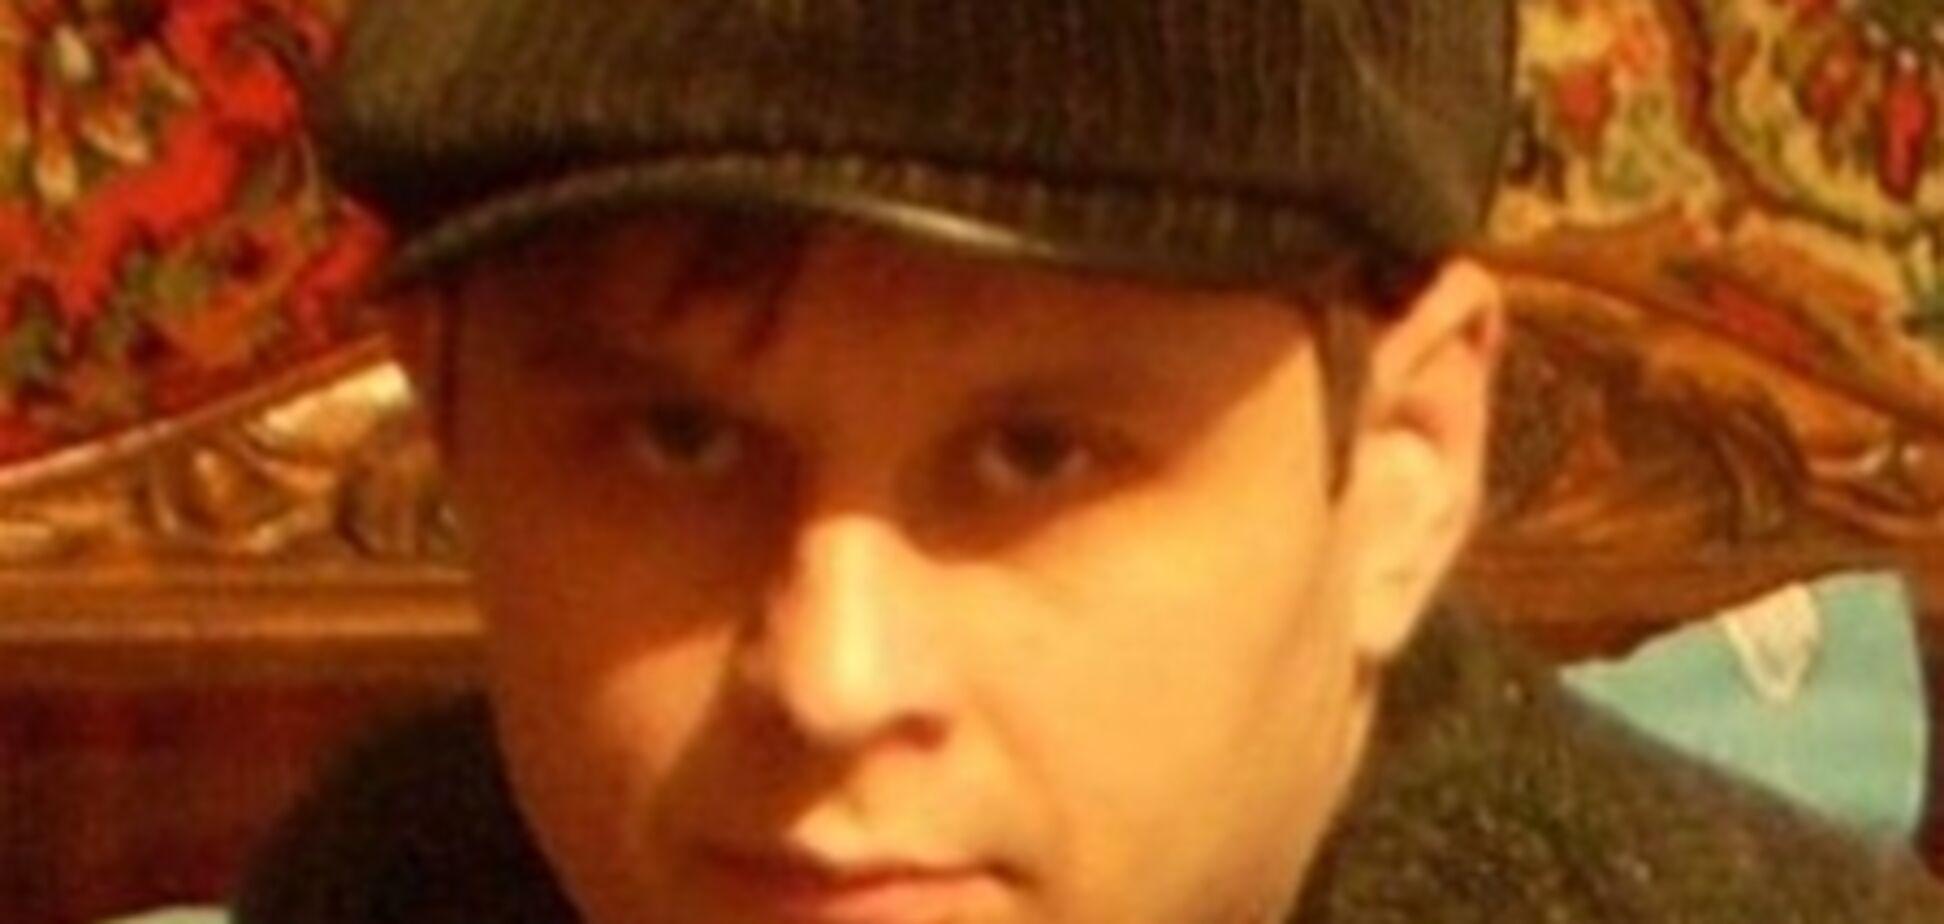 МВС: заяви адвоката Мазурка є небилицями